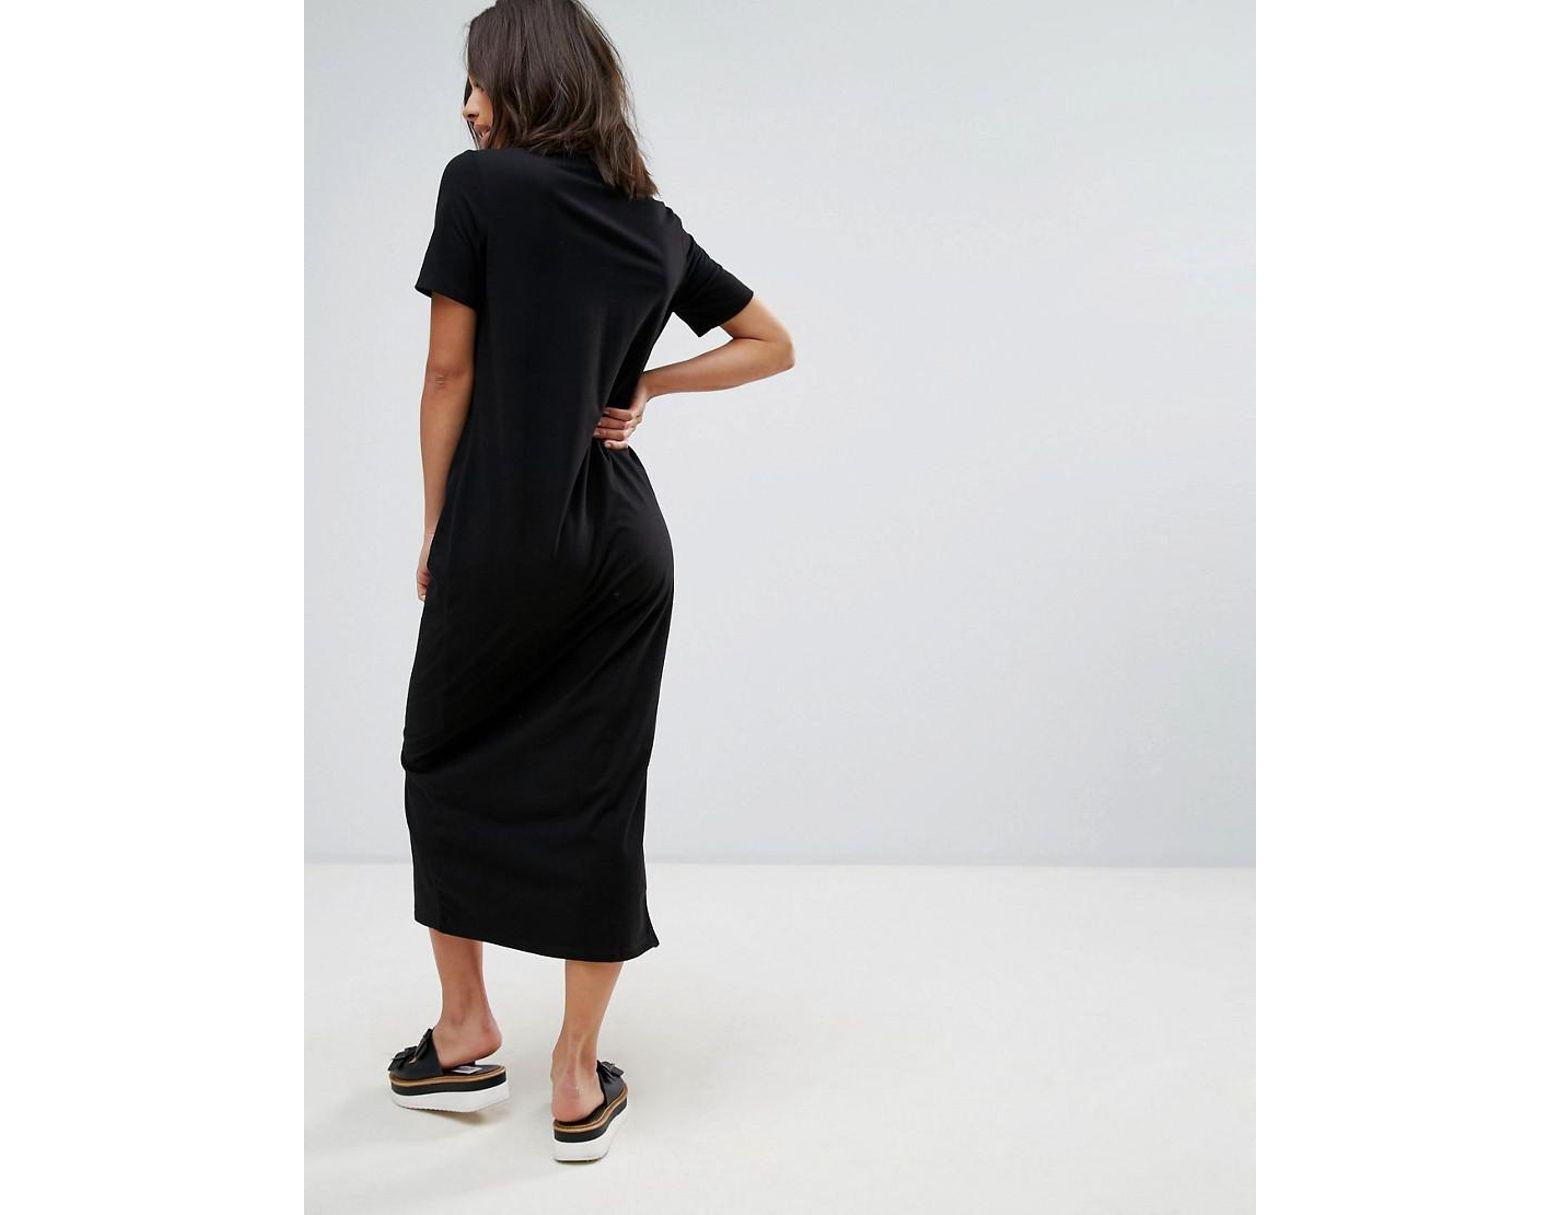 c5b71c68d547 ASOS Asos Design Petite Ultimate T-shirt Maxi Dress in Black - Save 41% -  Lyst